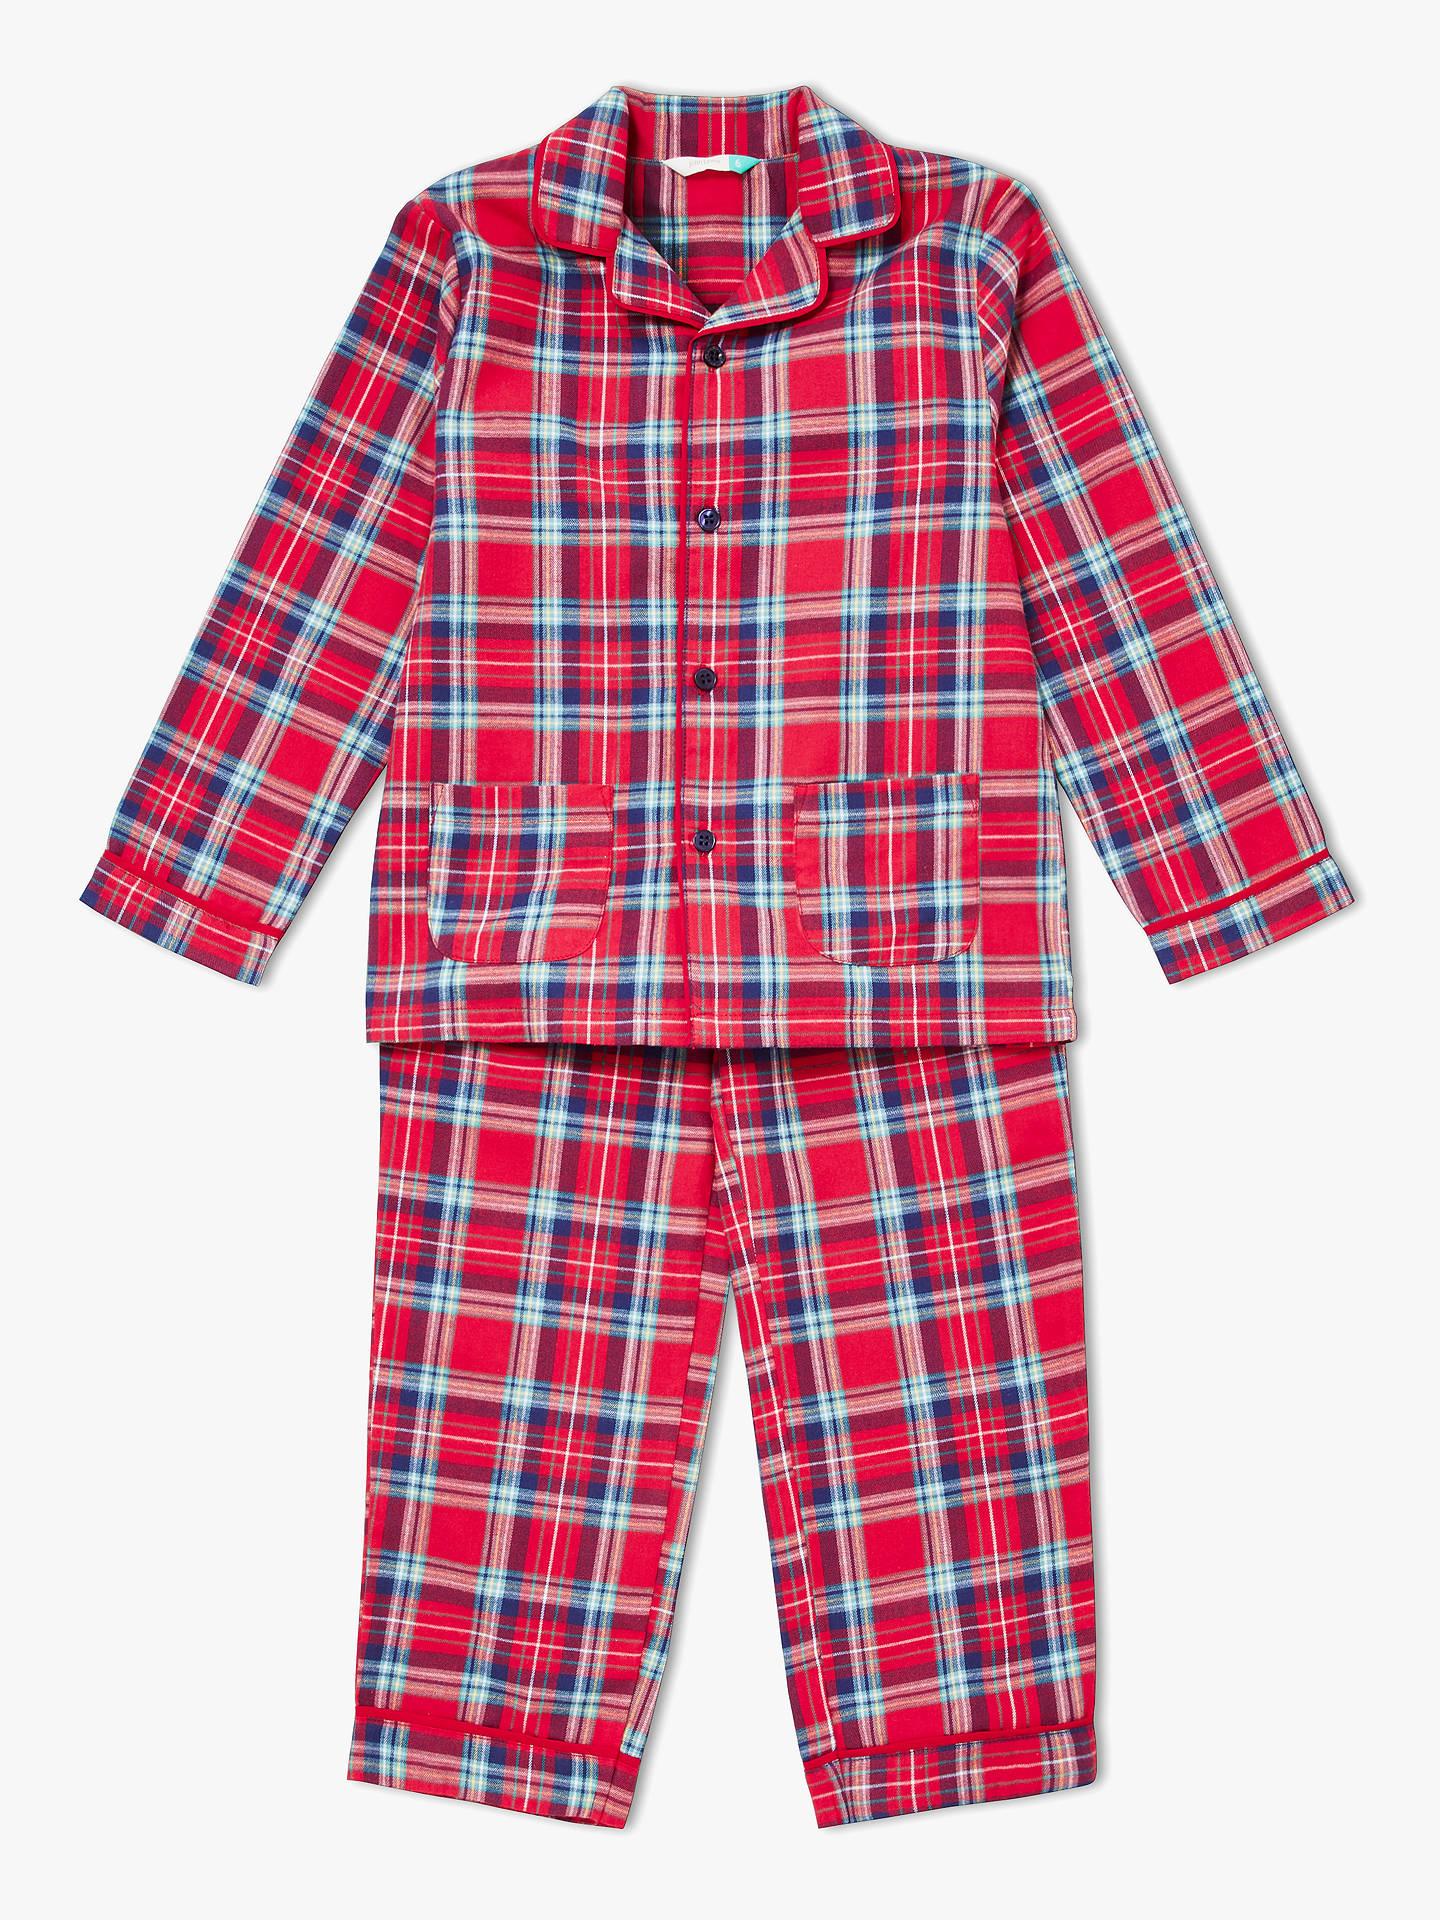 35d2d91e7474 Buy John Lewis   Partners Children s Christmas Plaid Pyjamas